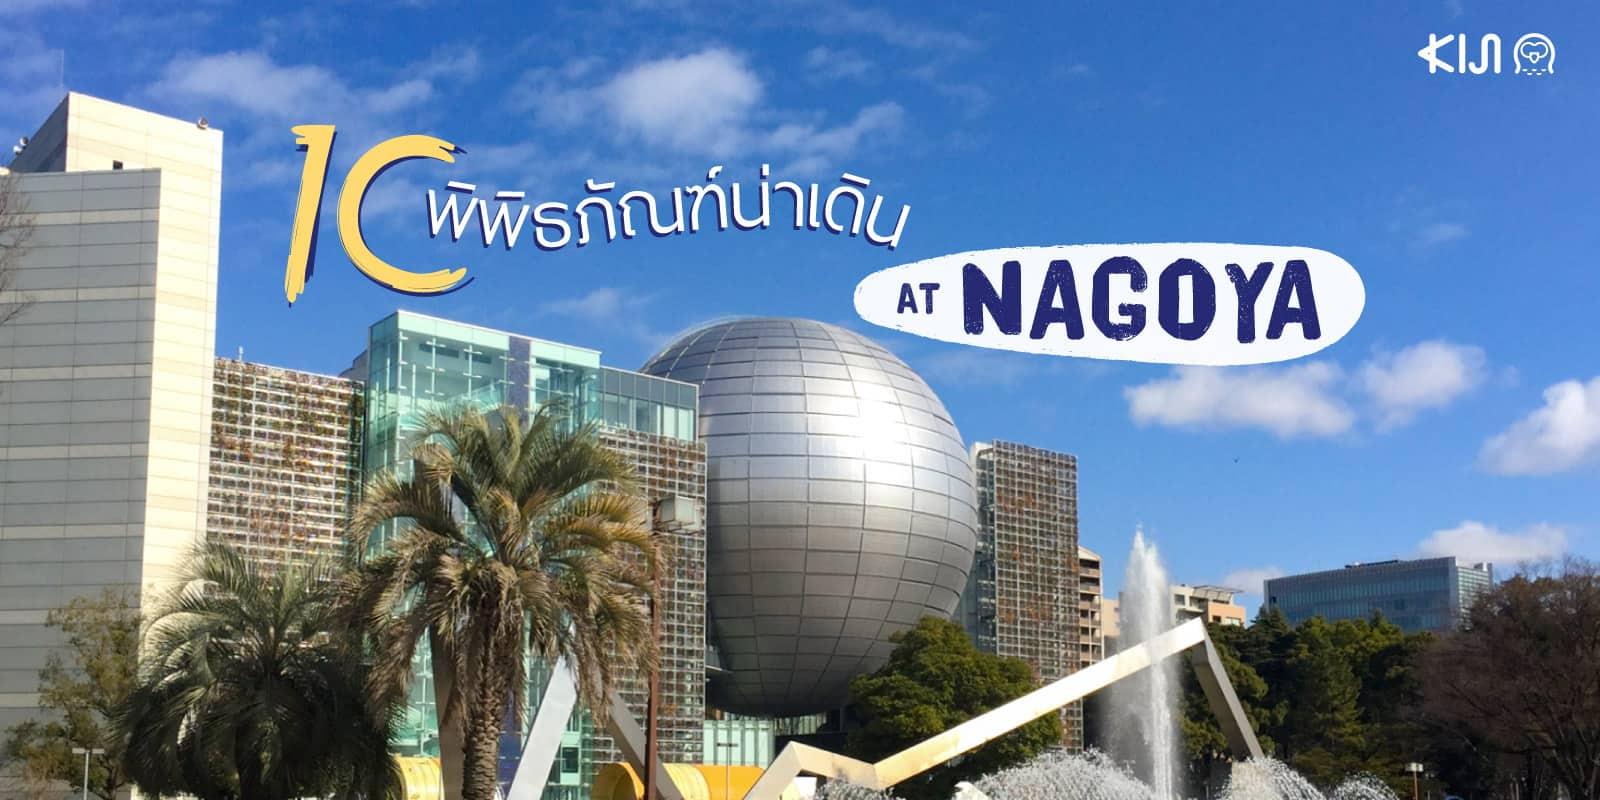 Nagoya Museum